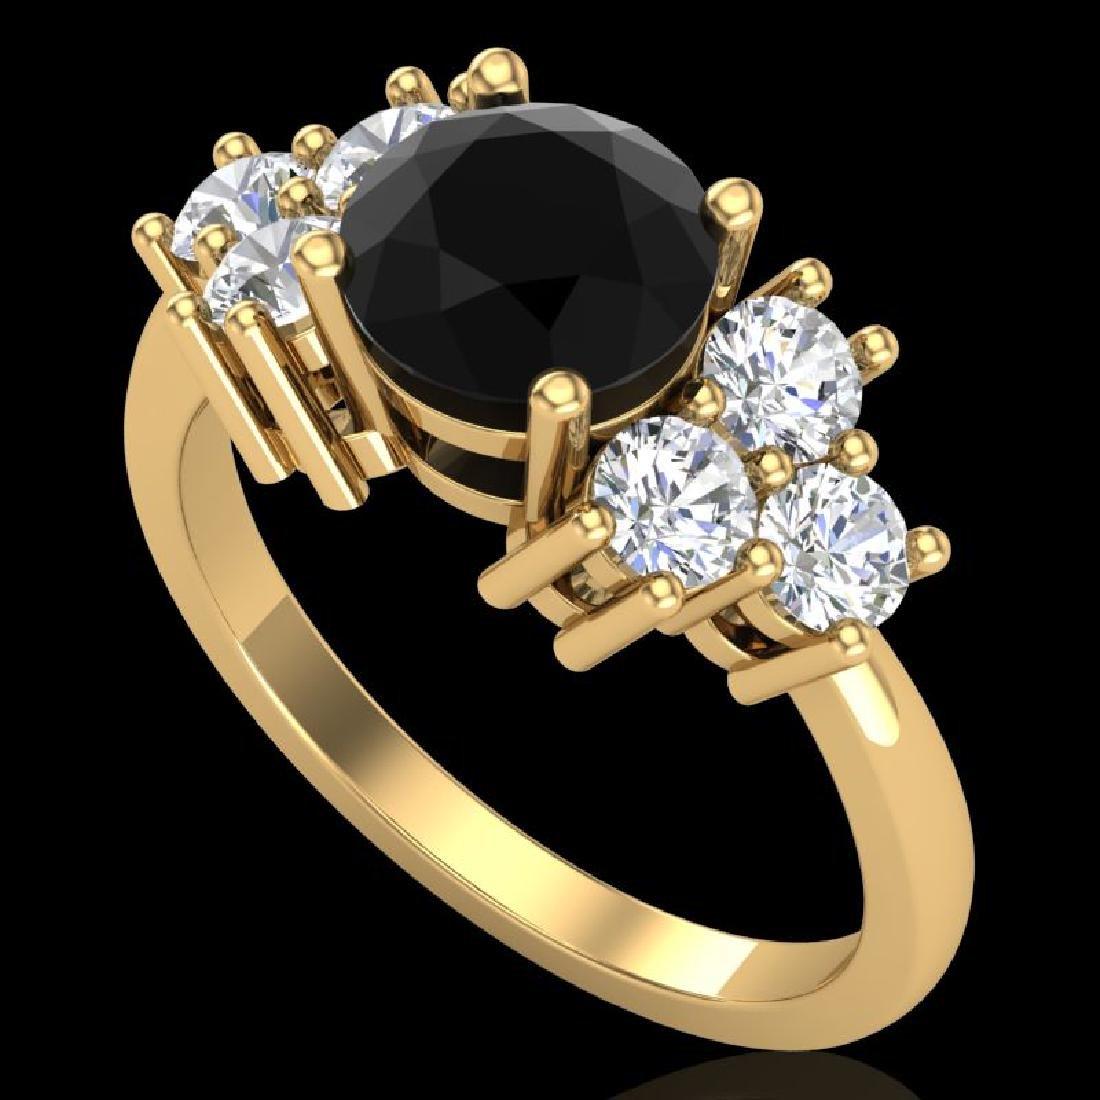 2.1 CTW Fancy Black Diamond Solitaire Engagement